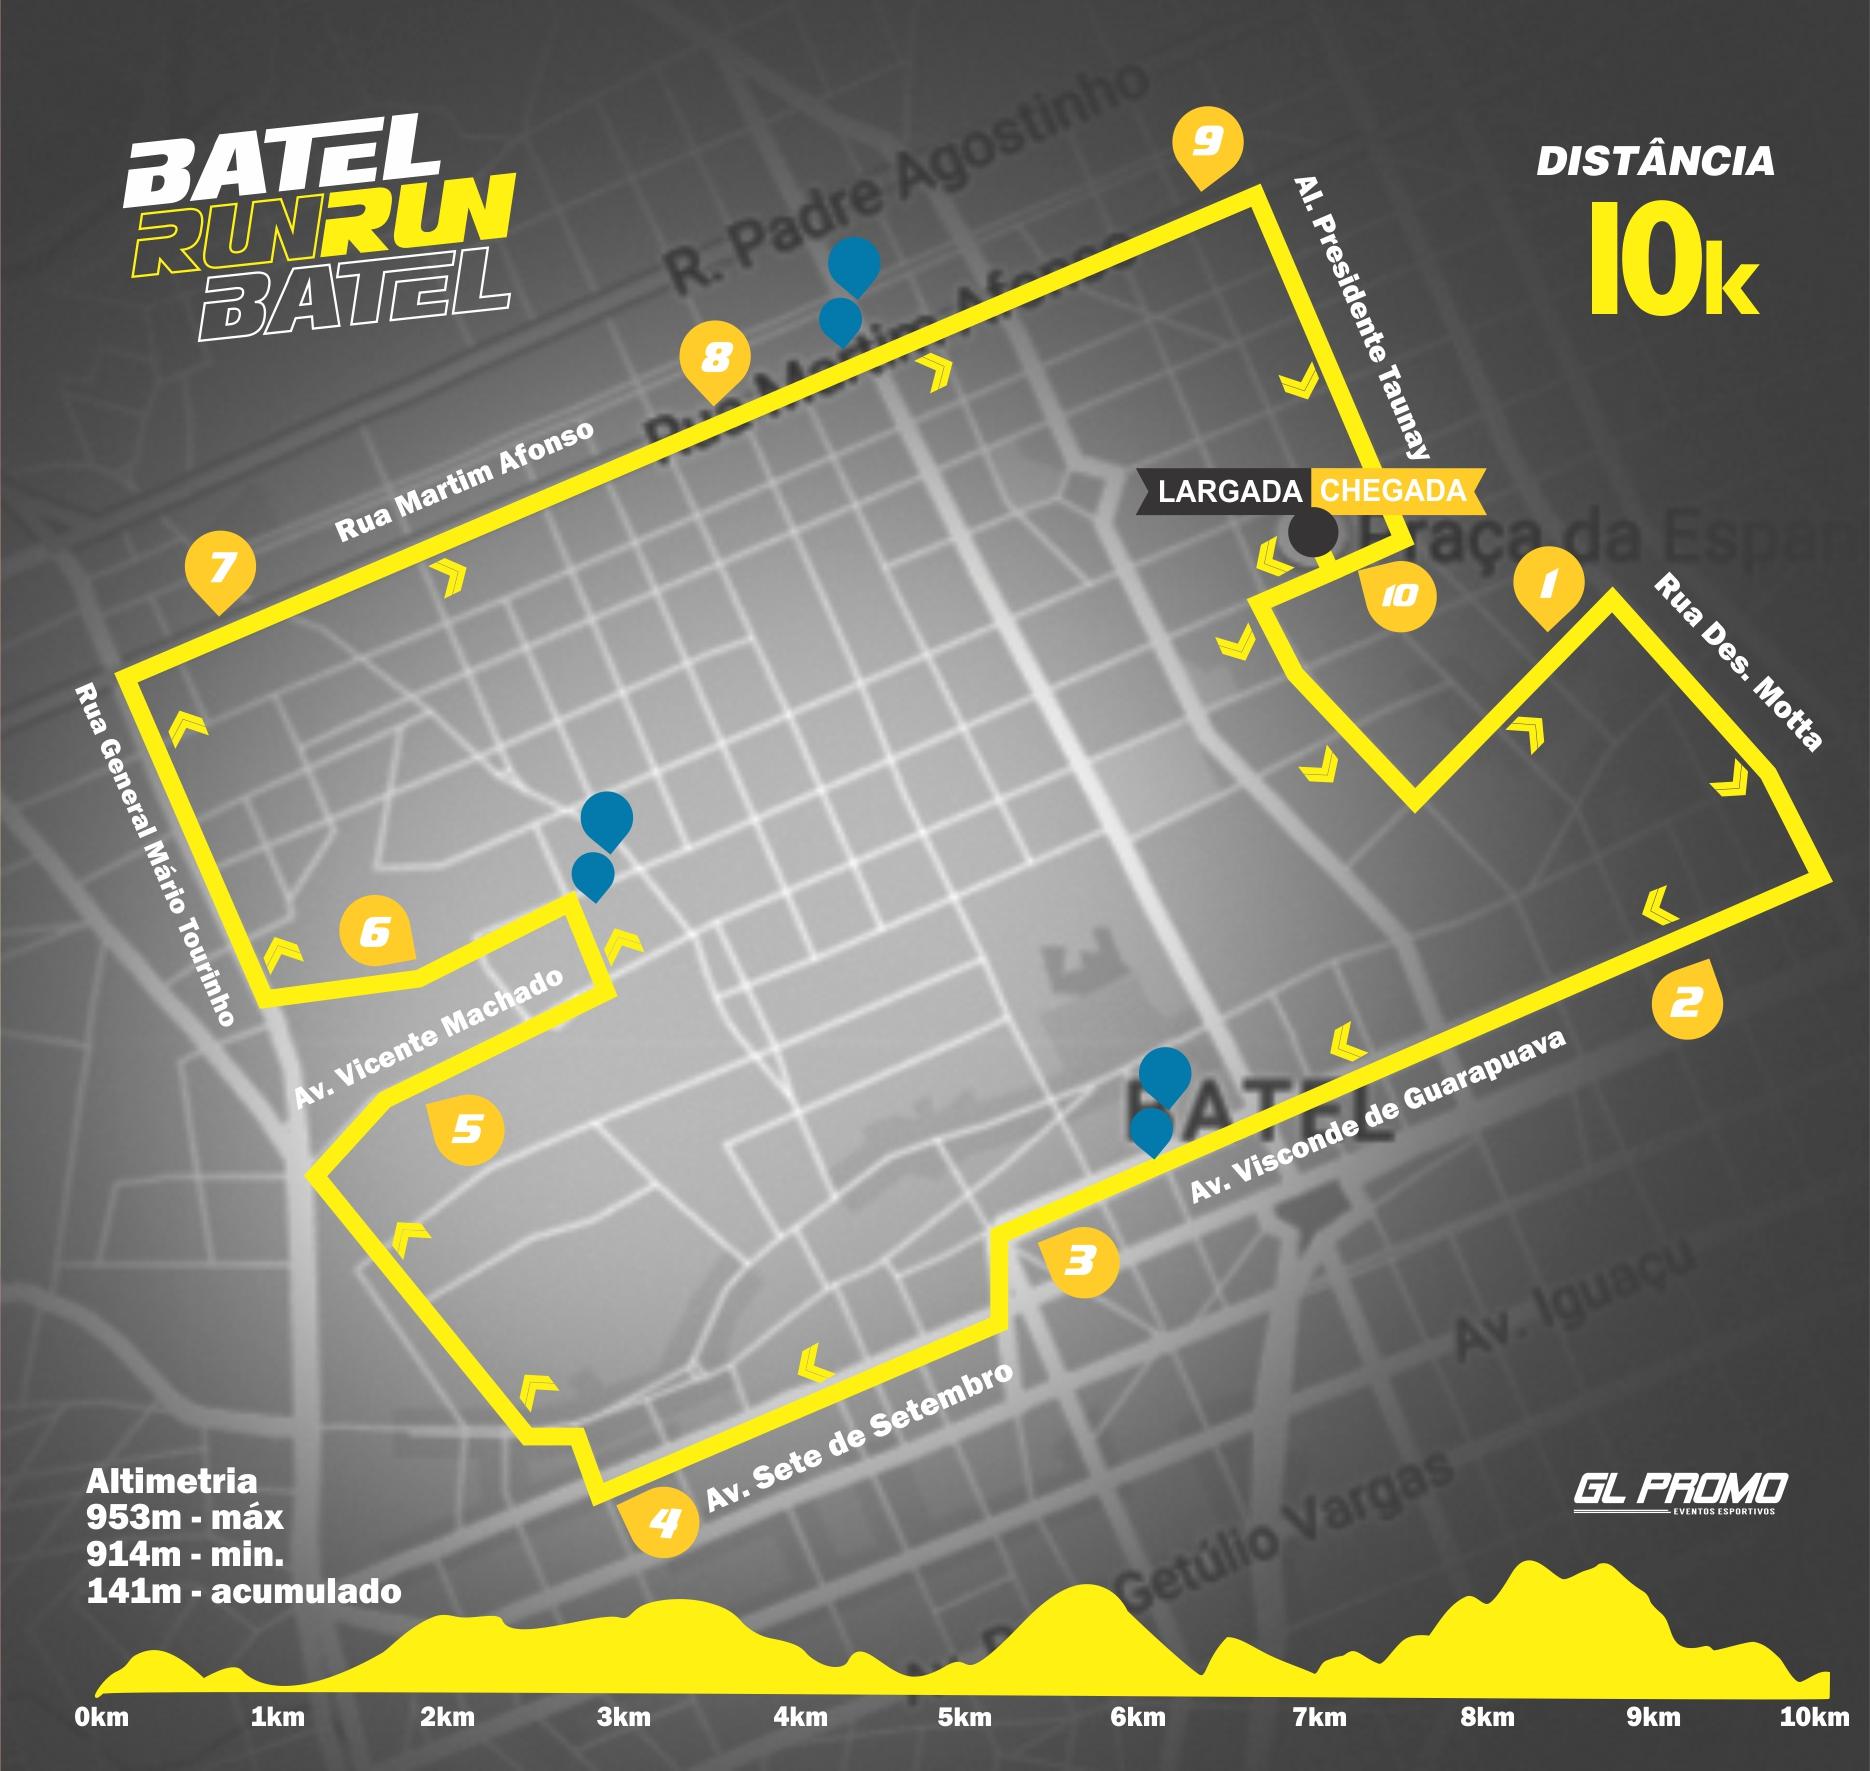 Percurso BATEL RUN